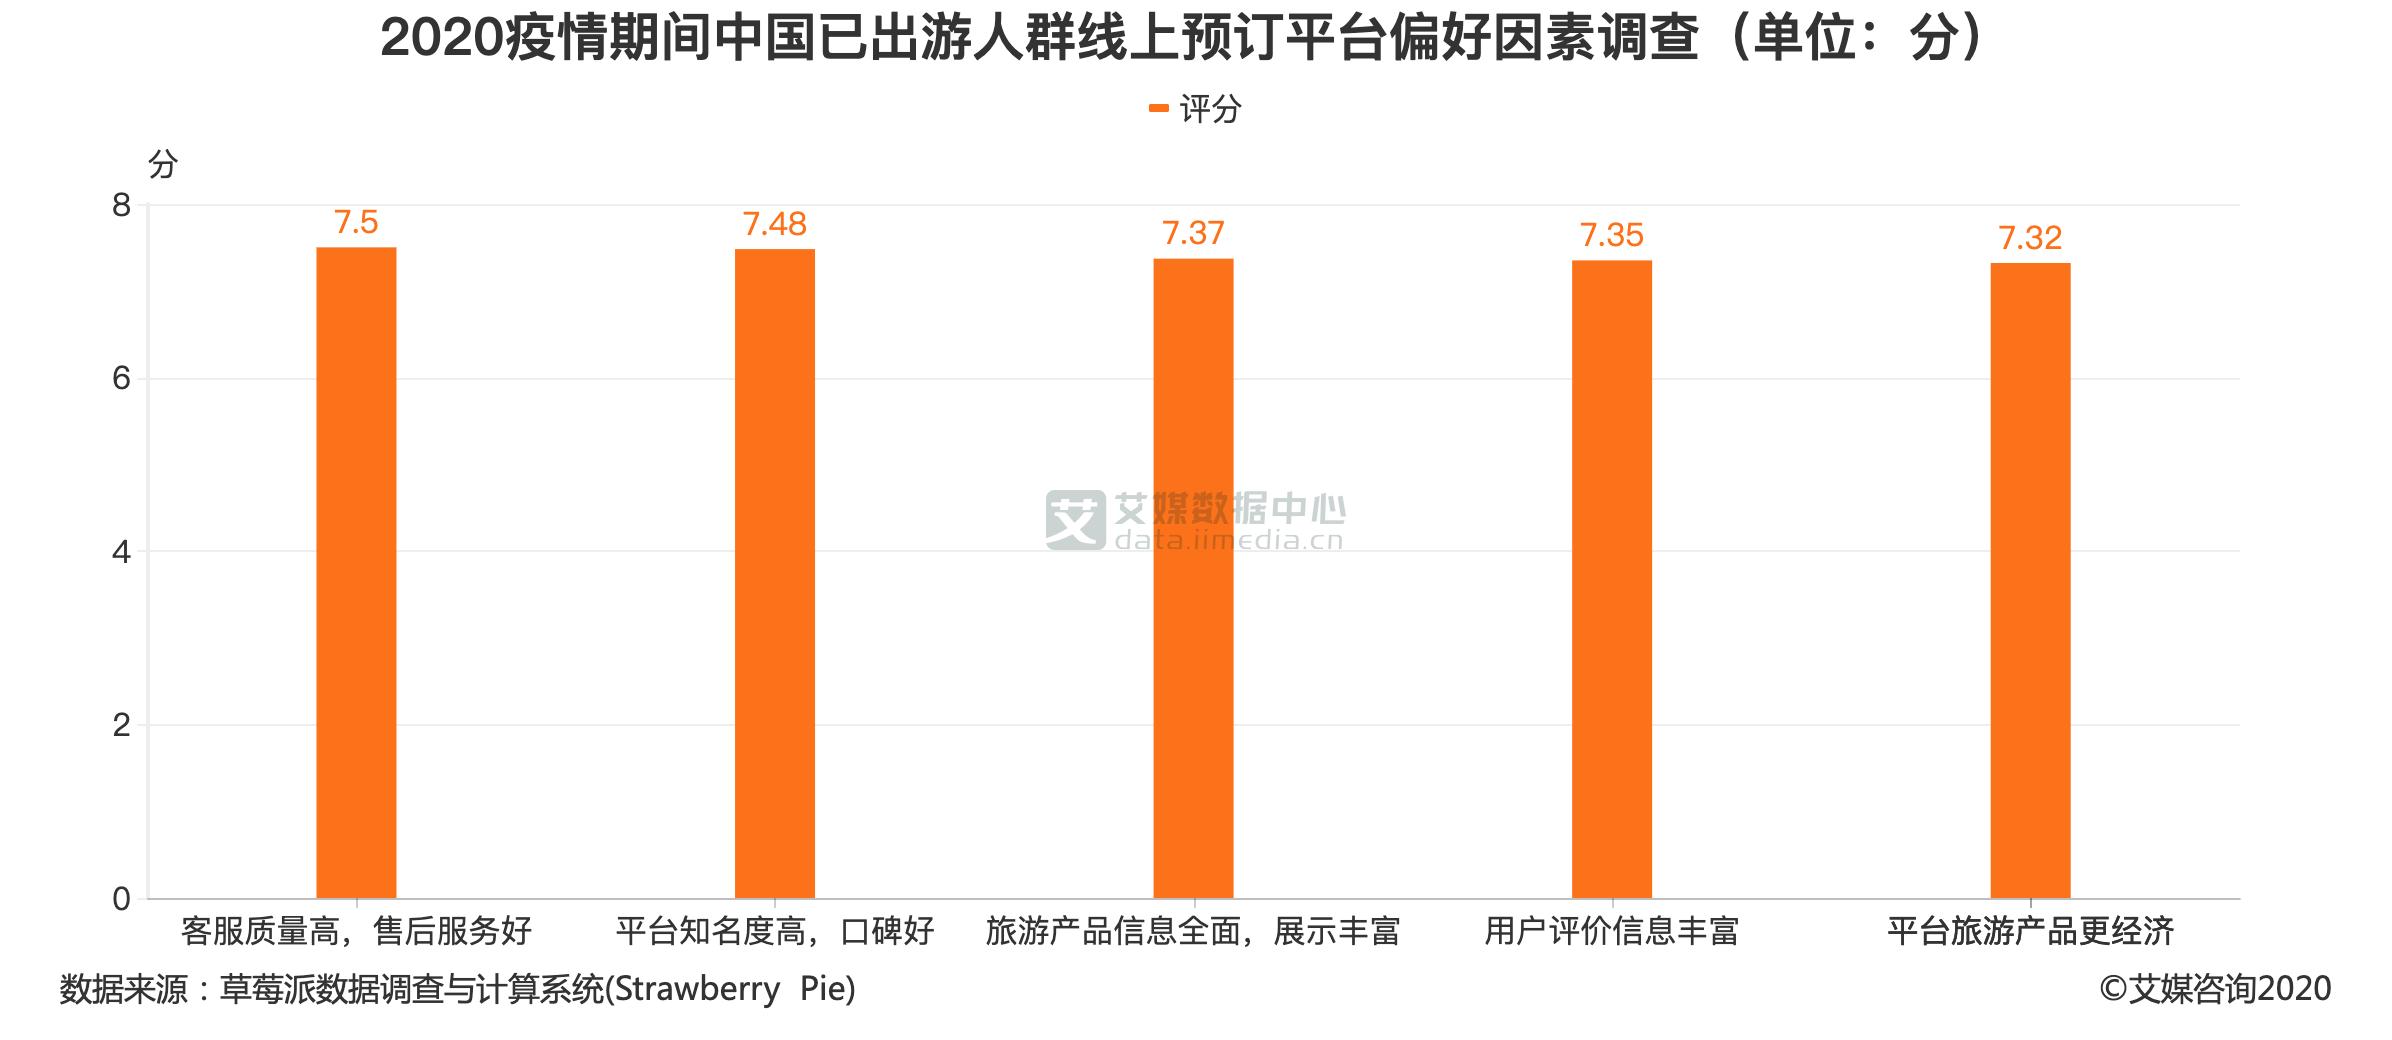 2020疫情期间中国已出游人群线上预订平台偏好因素调查(单位:分)